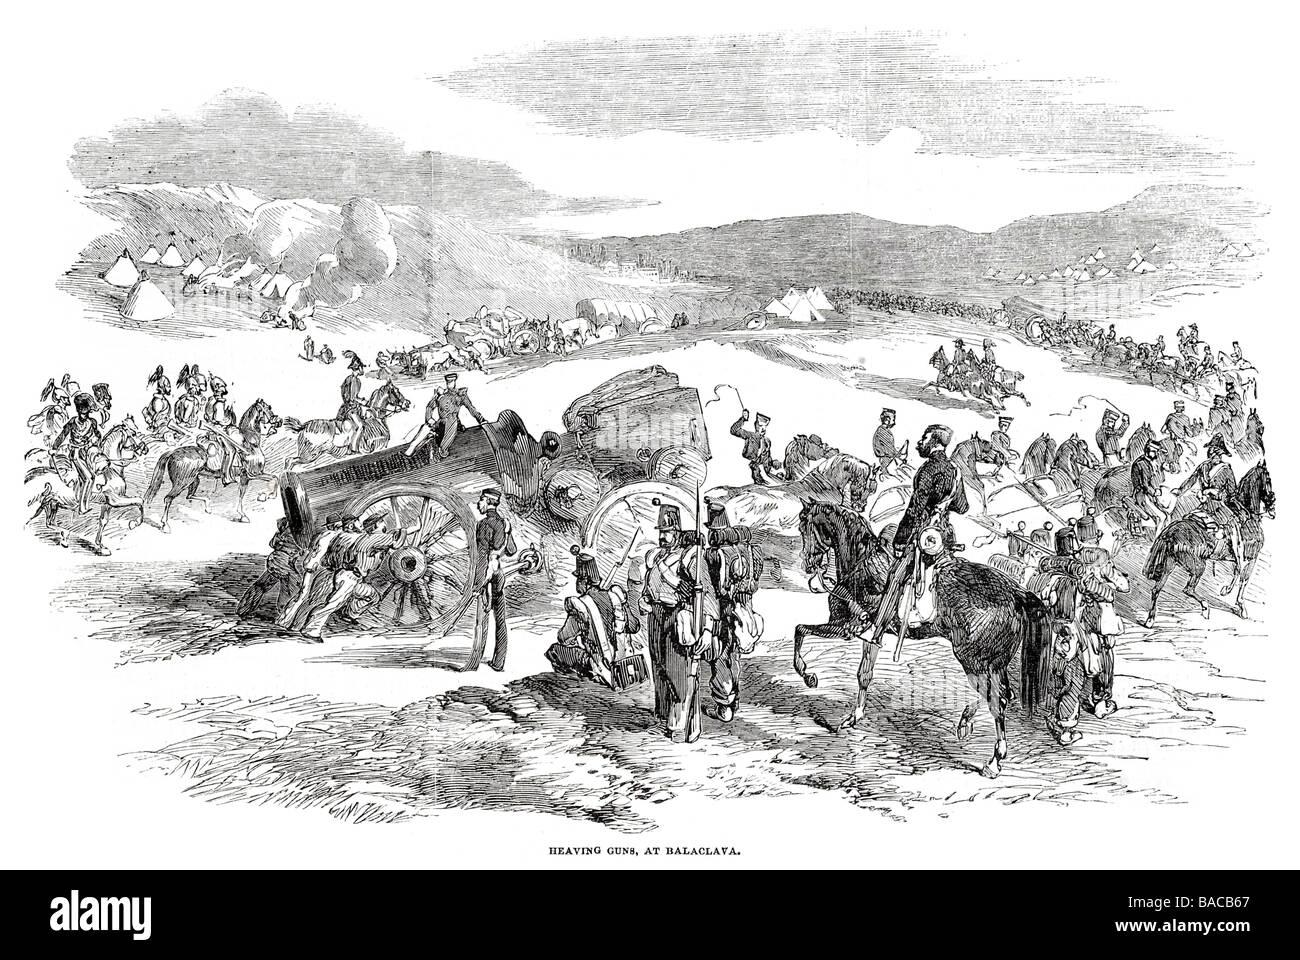 heaving guns at balaclava 1854 - Stock Image